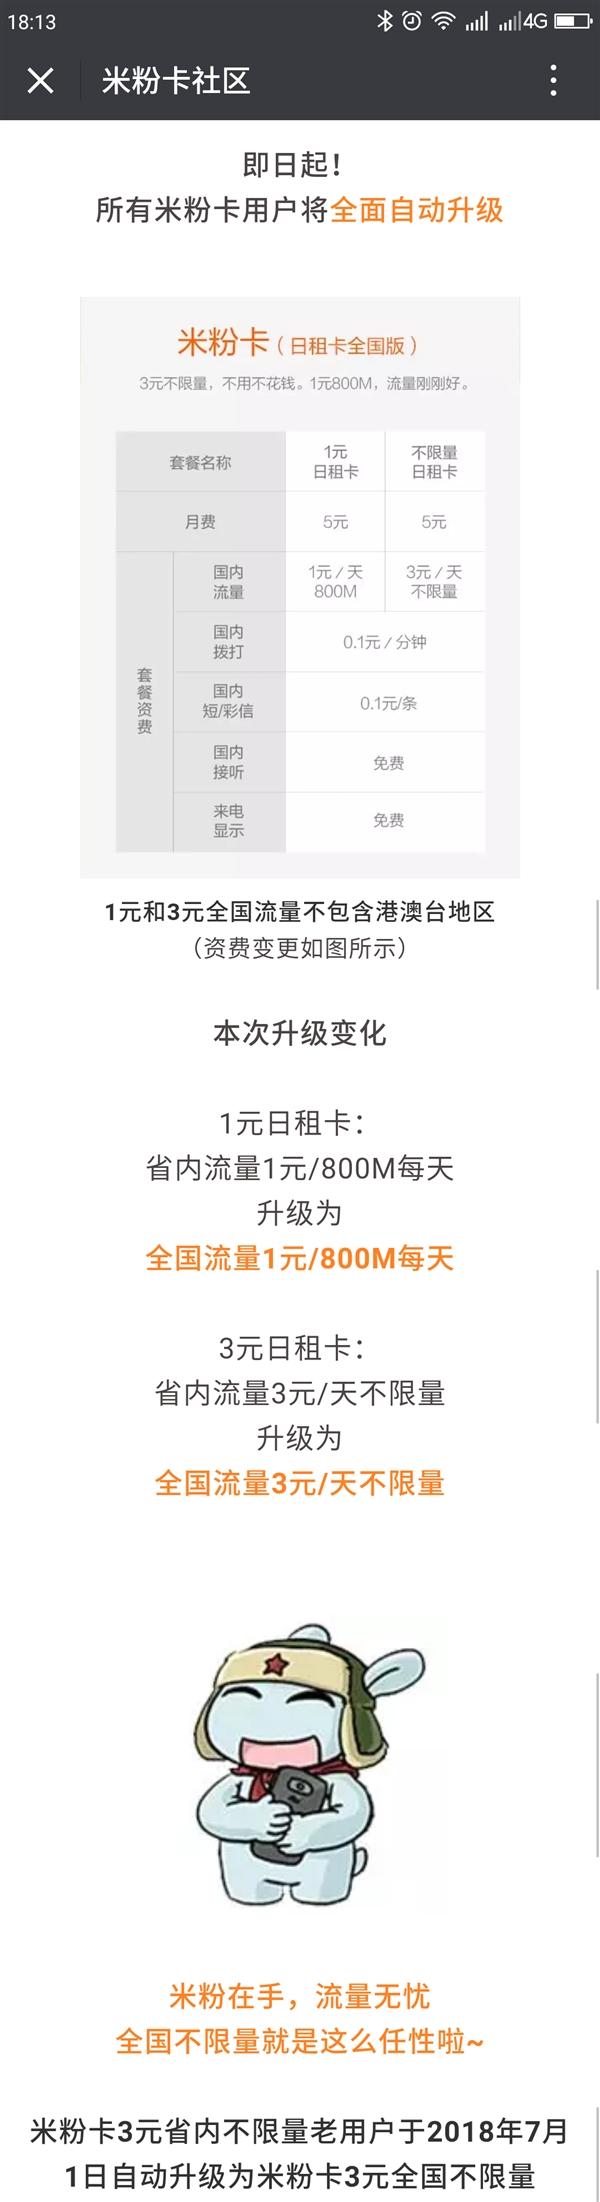 米粉卡升级:3元日租卡升级为全国不限流量